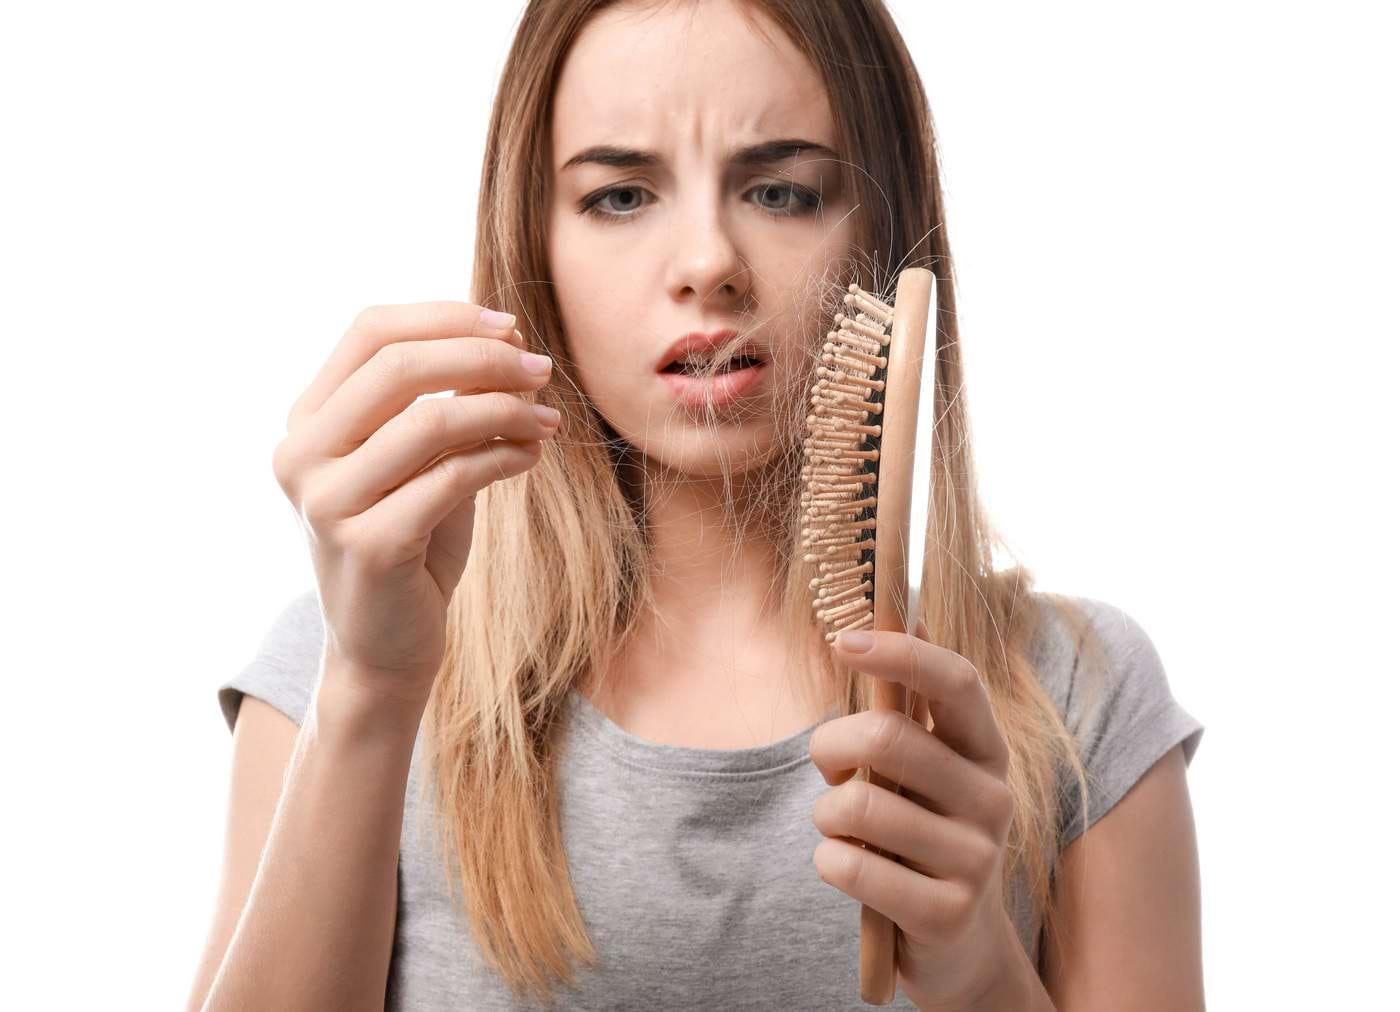 De ce ne cade mai mult păr în acest anotimp?